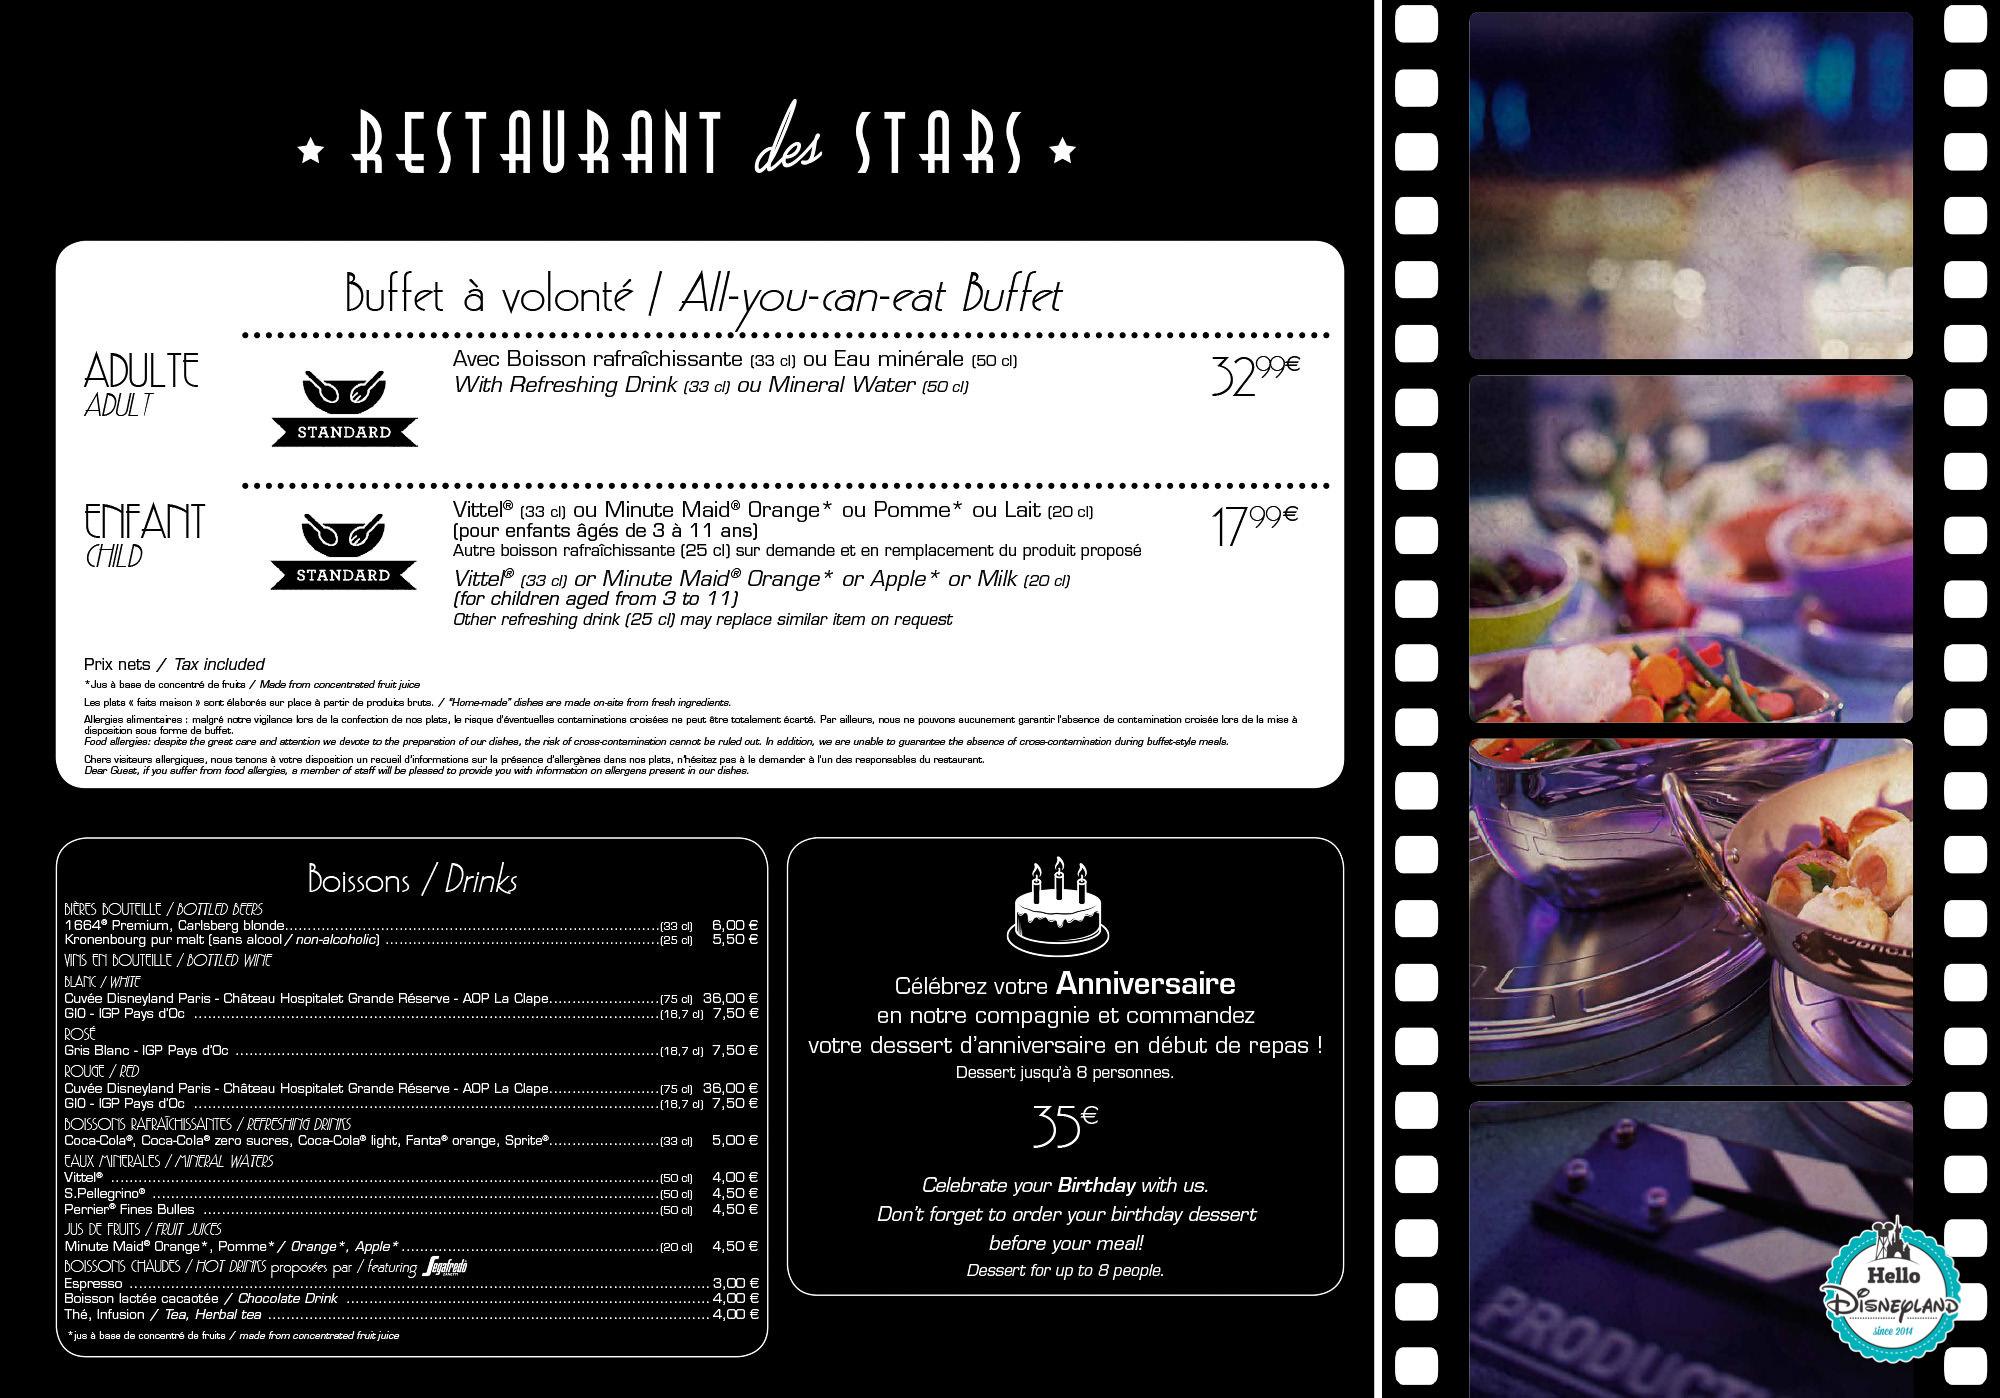 disney restaurant des stars